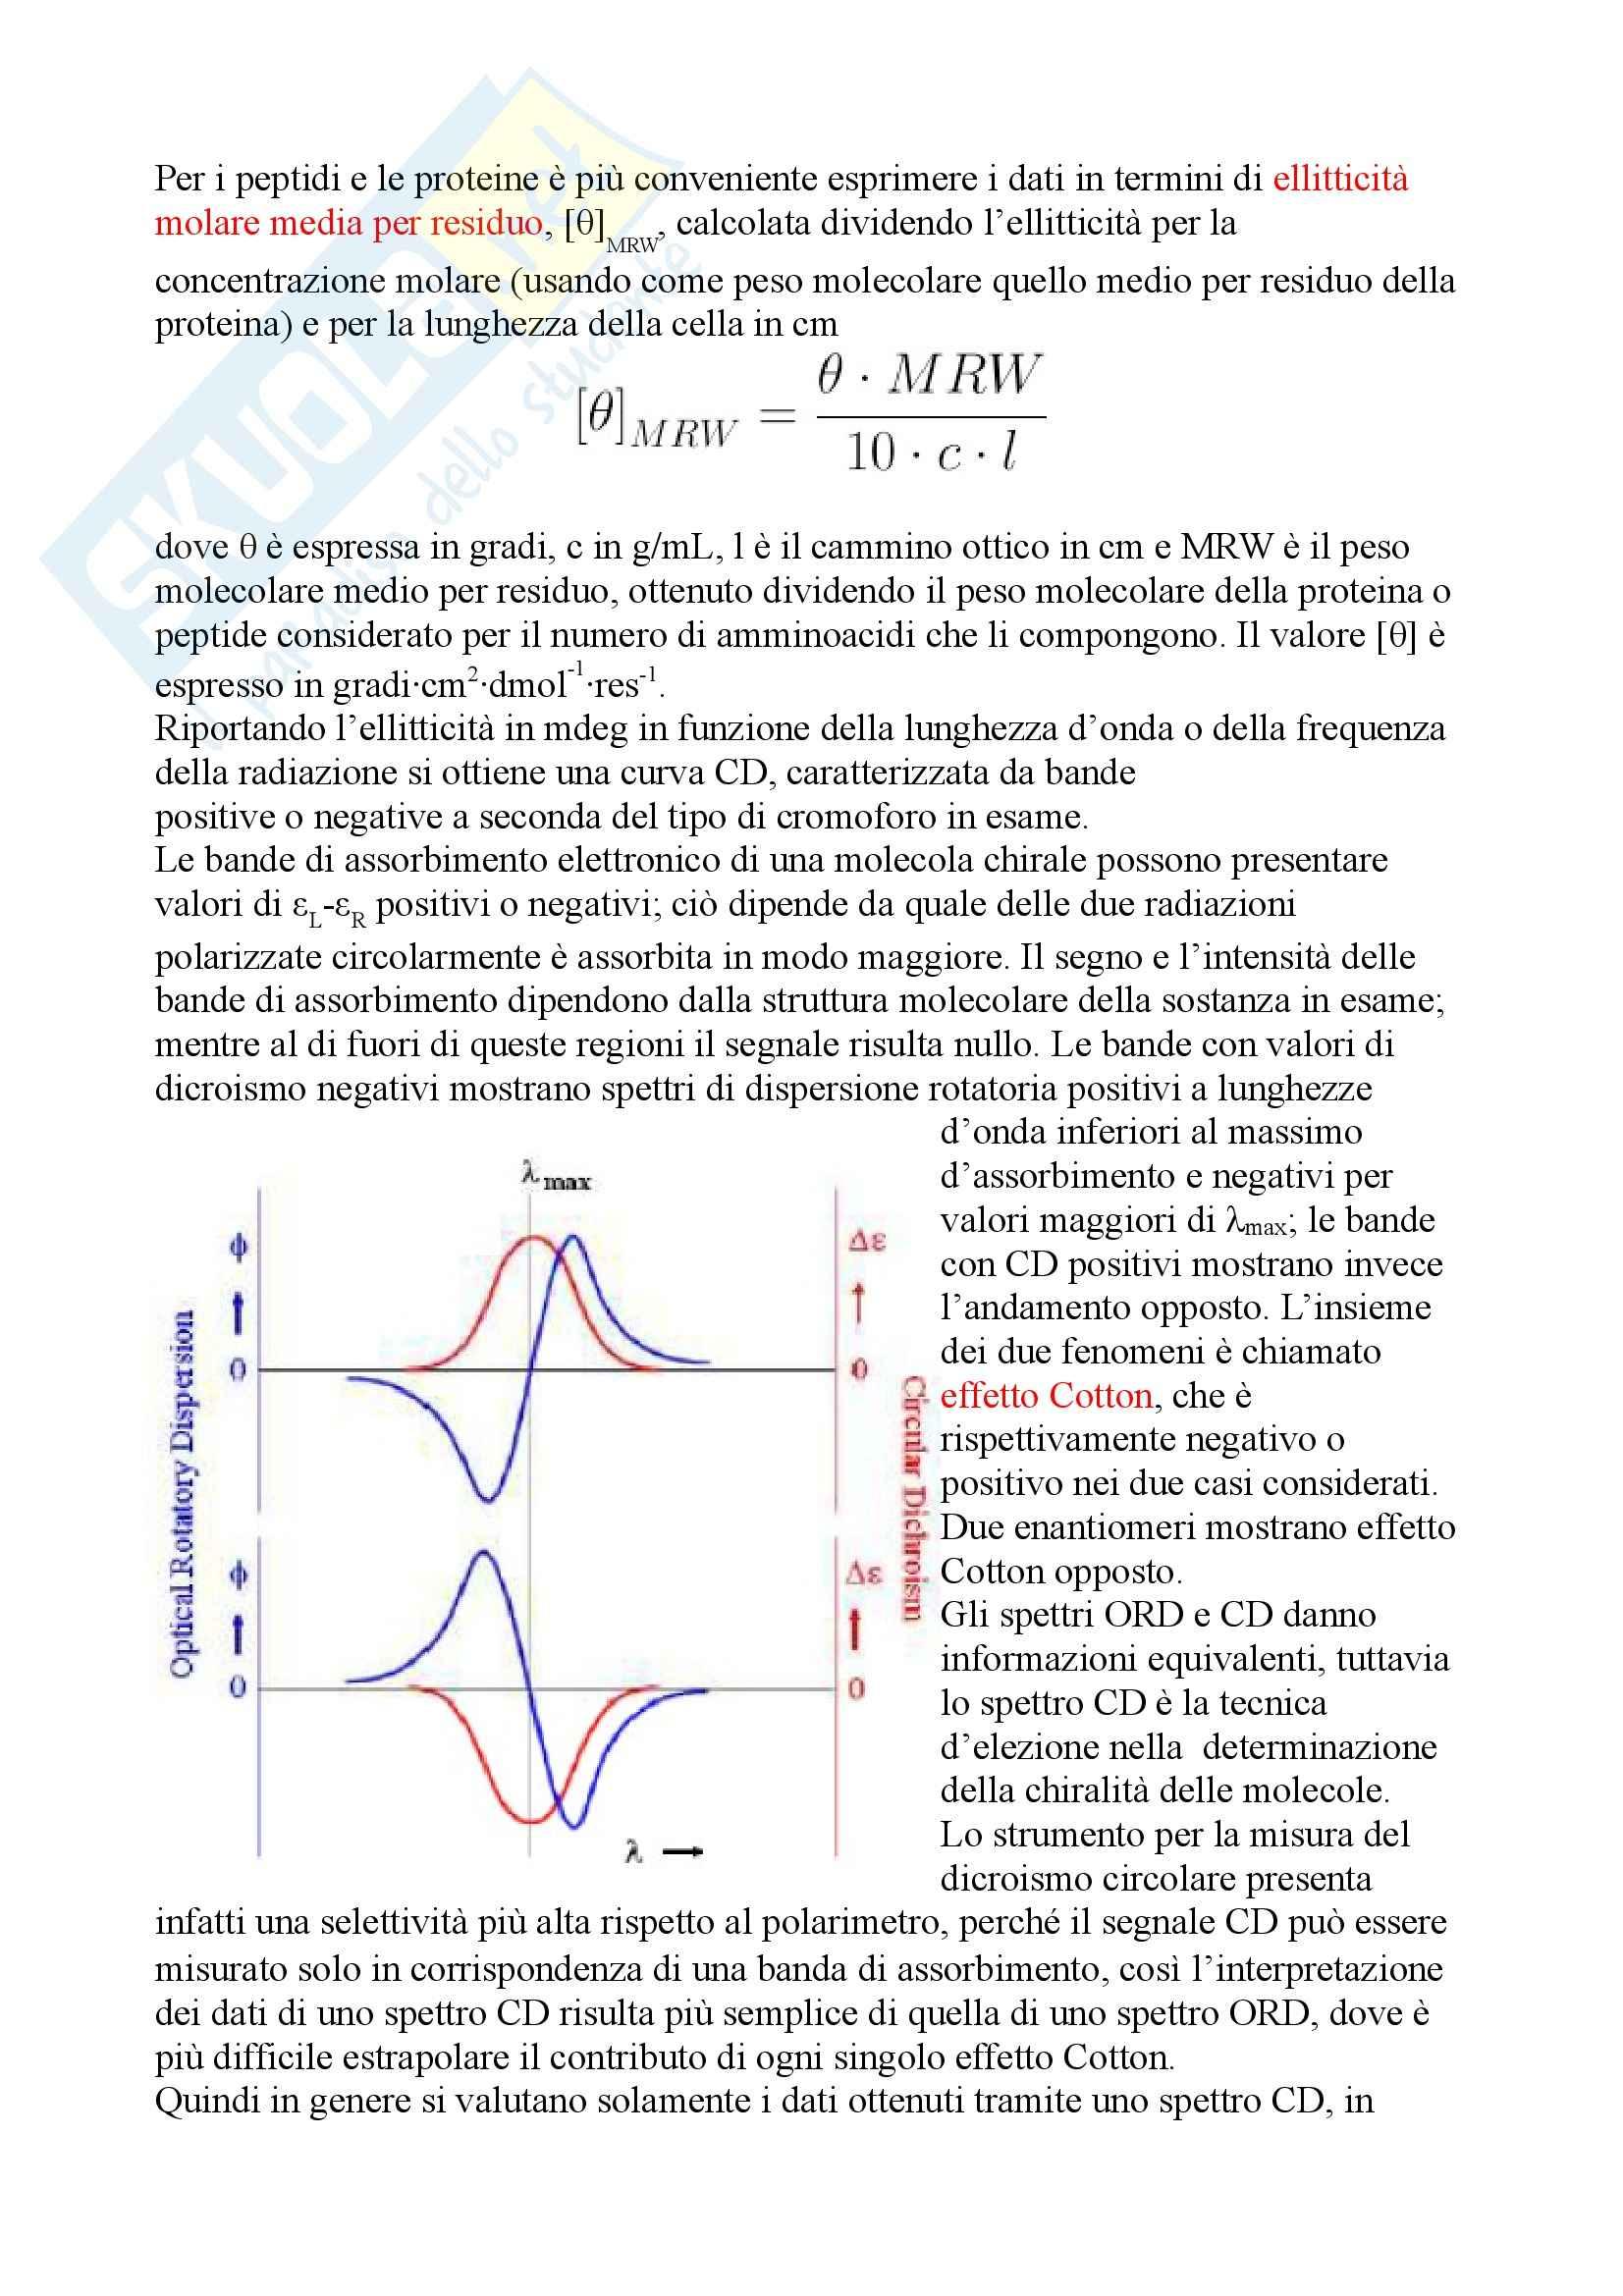 Chimica fisica - dicroismo circolare Pag. 6